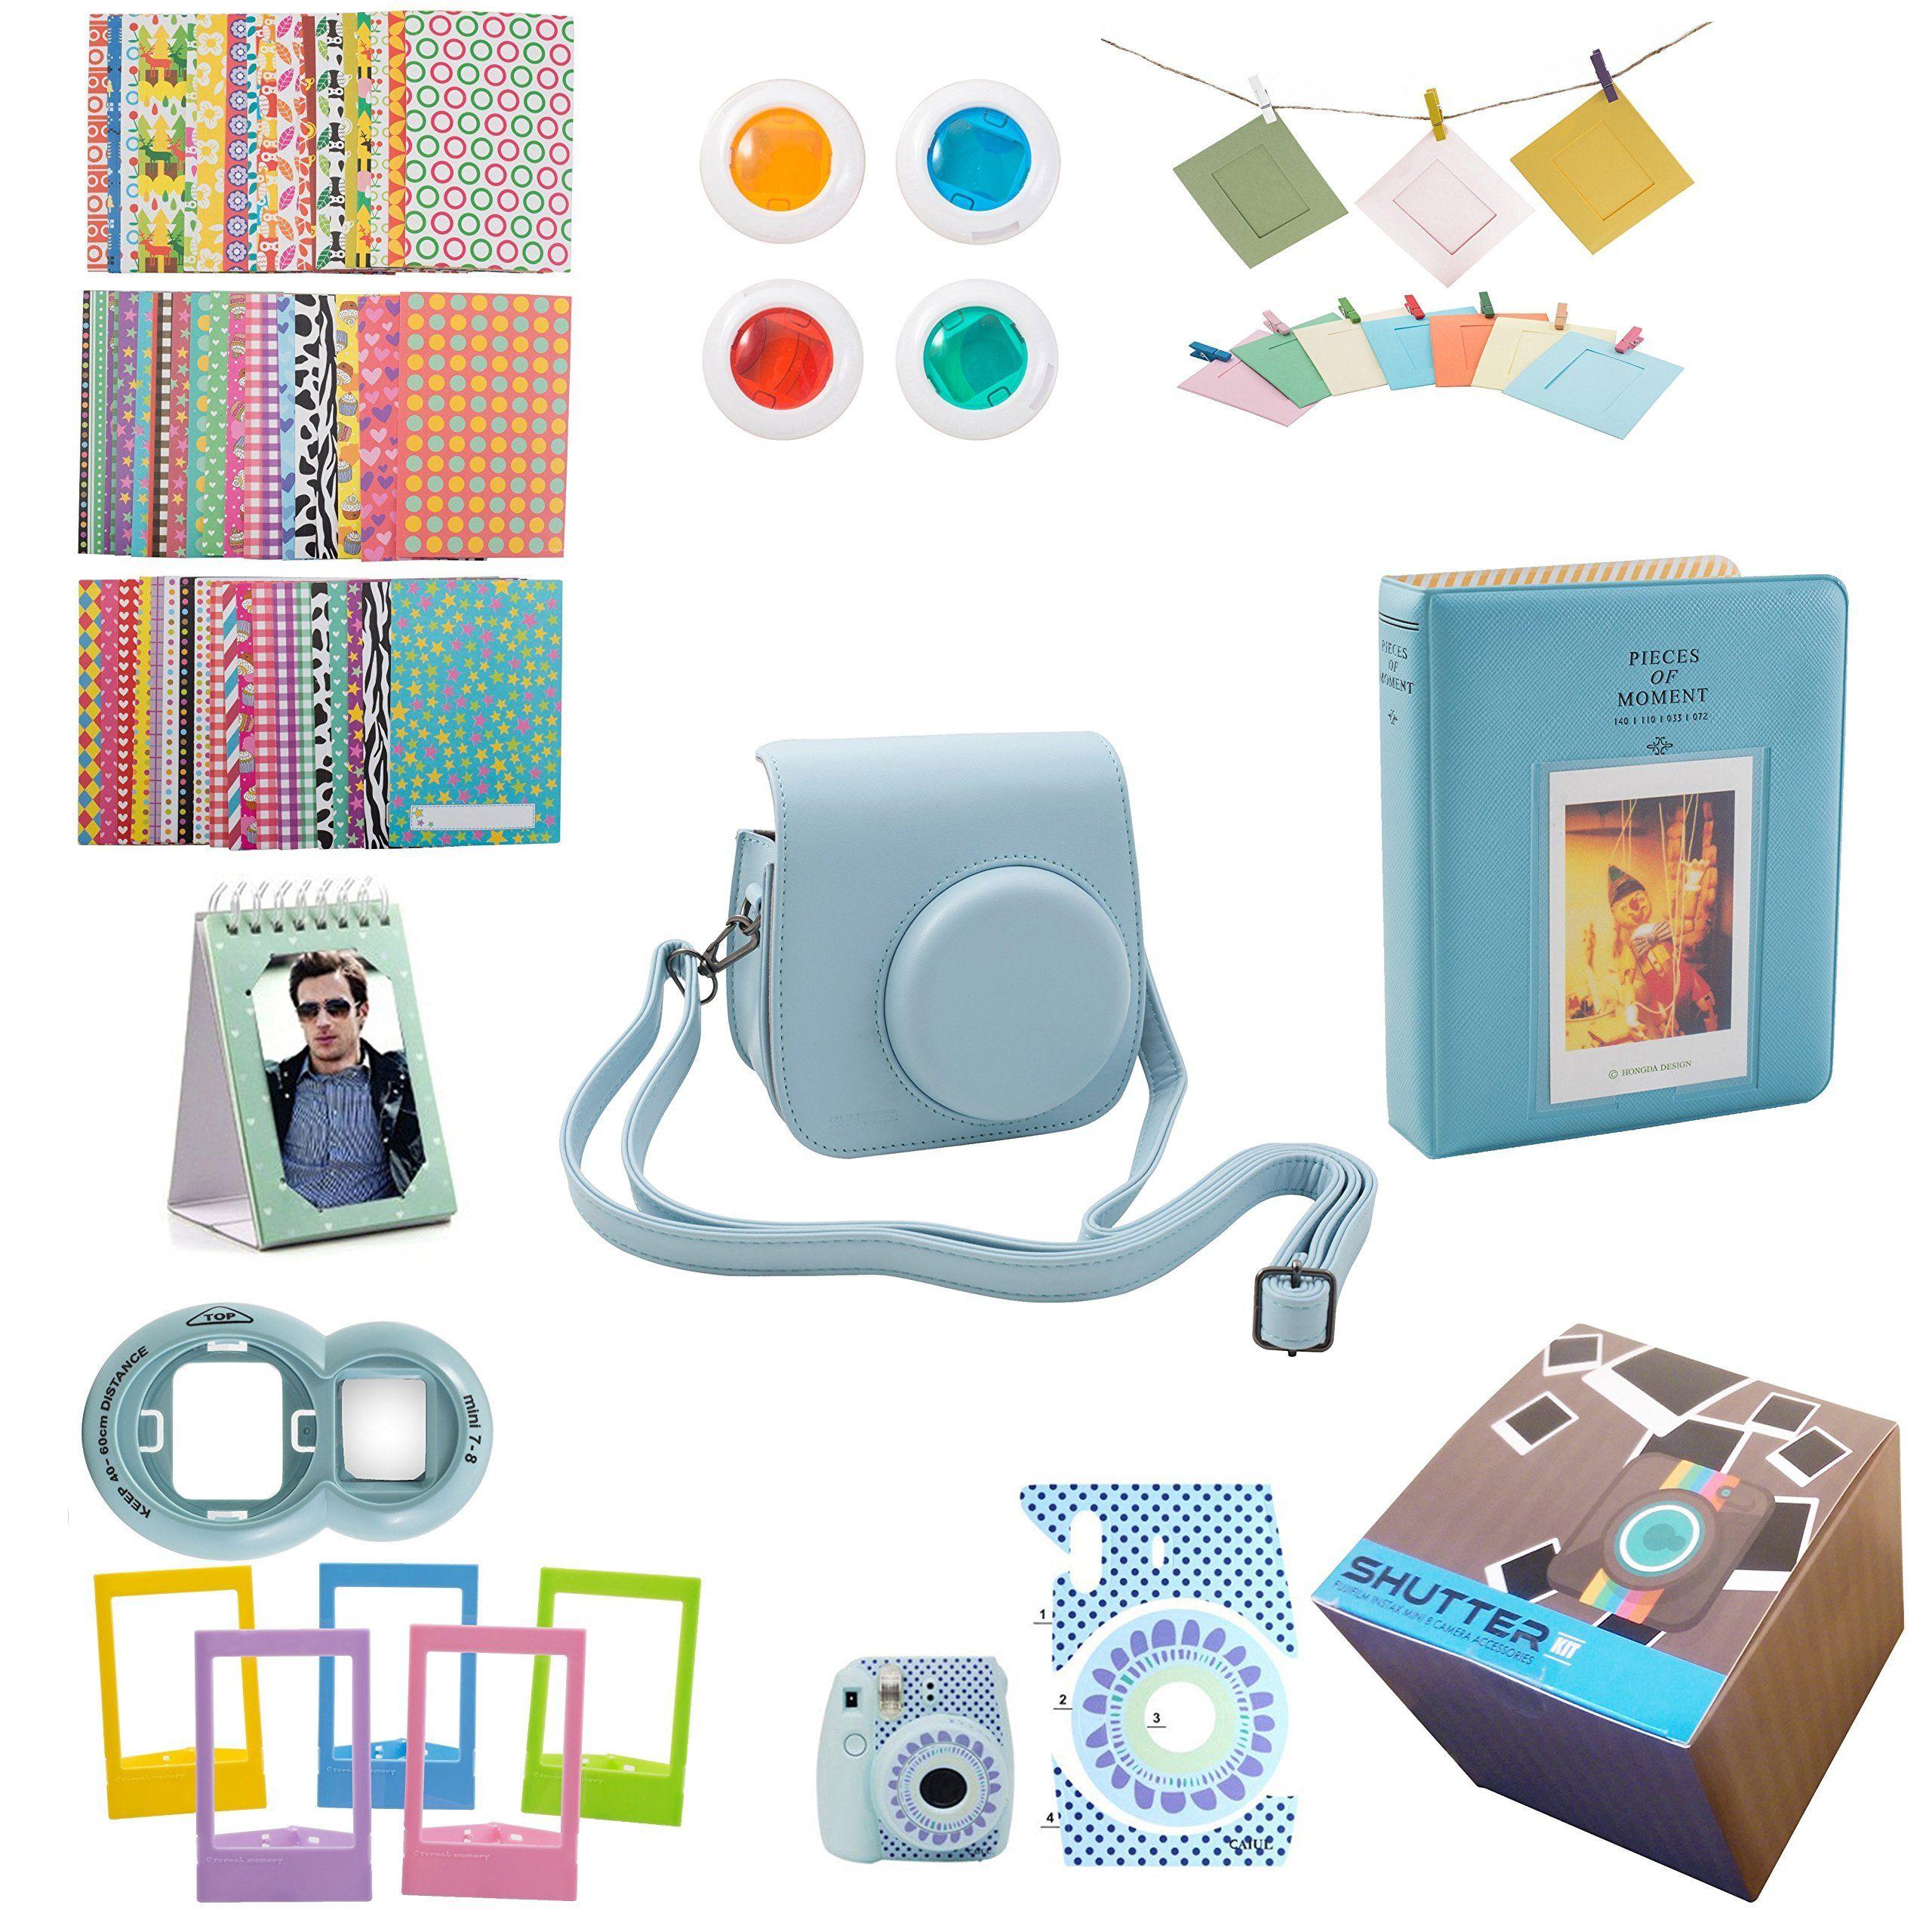 8c3b81efdddc3d 9 Piece Gift set Box Fujifilm Instax Mini 8 Accessories Bundle Mini 8 Camera  BLUE Accessories Kit Includes